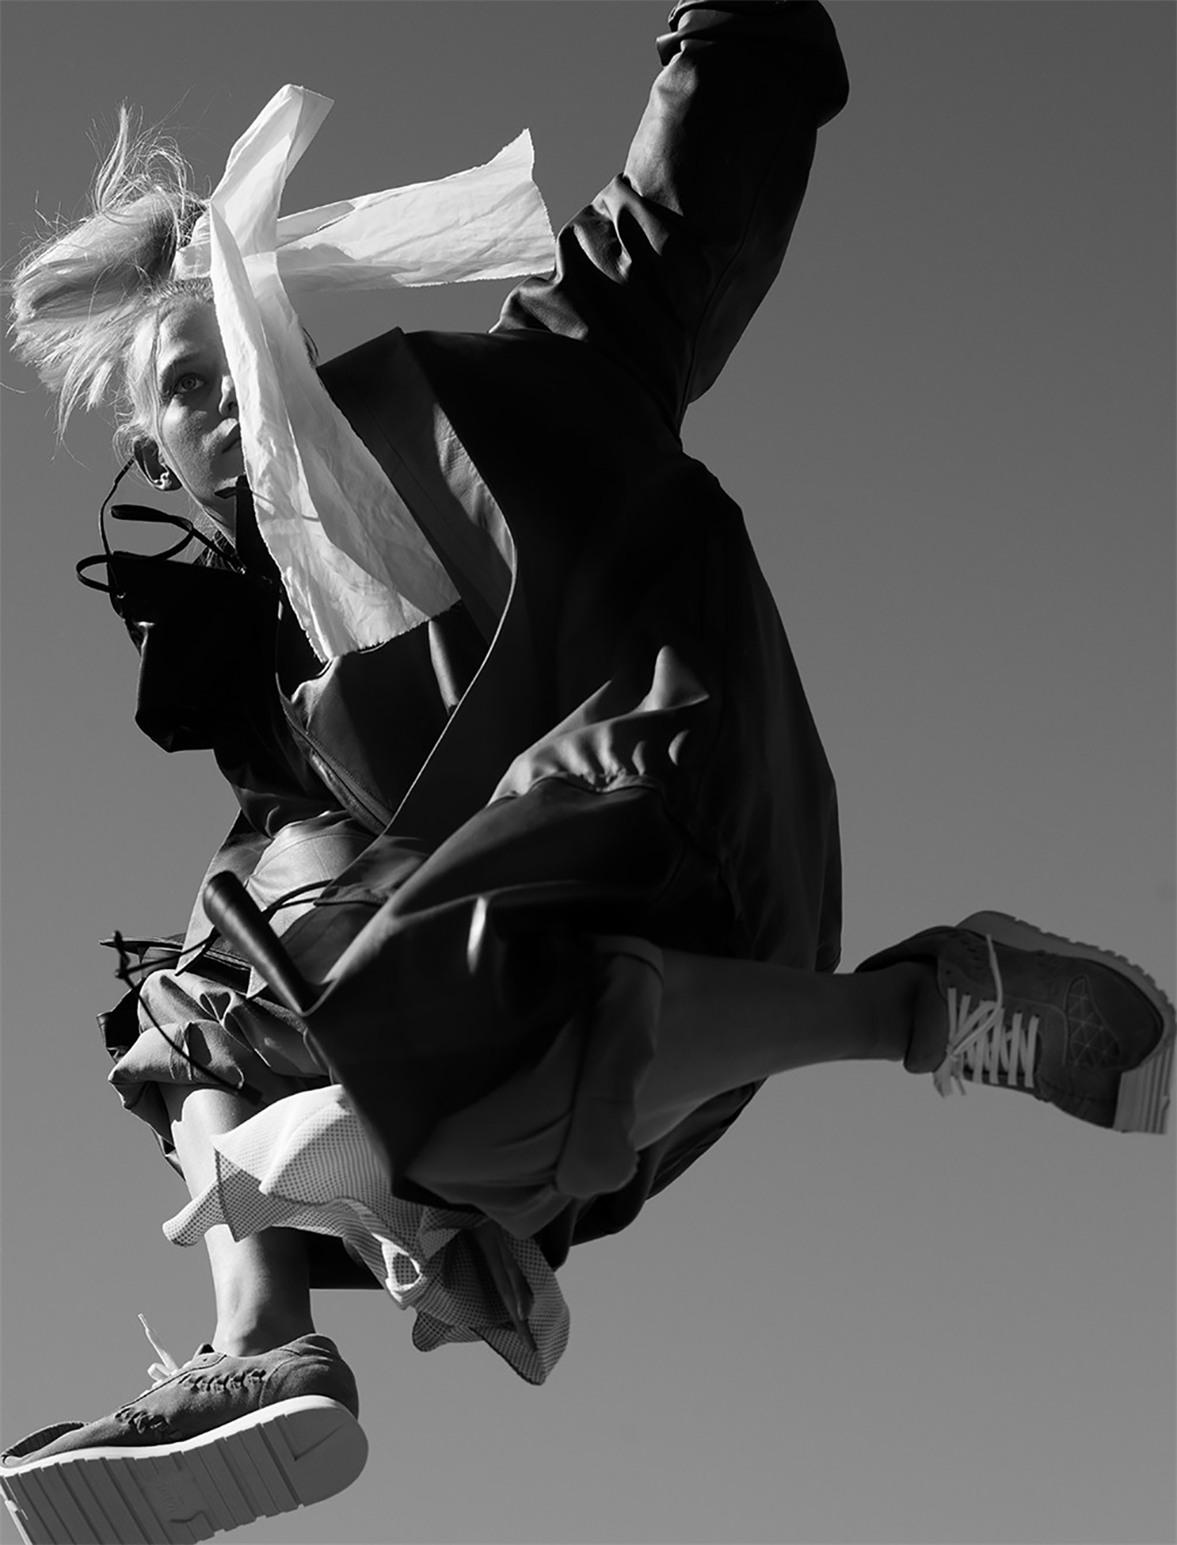 Gravity / Lina Kjaergaard by Viviane Sassen / POP Magazine spring/summer 2018